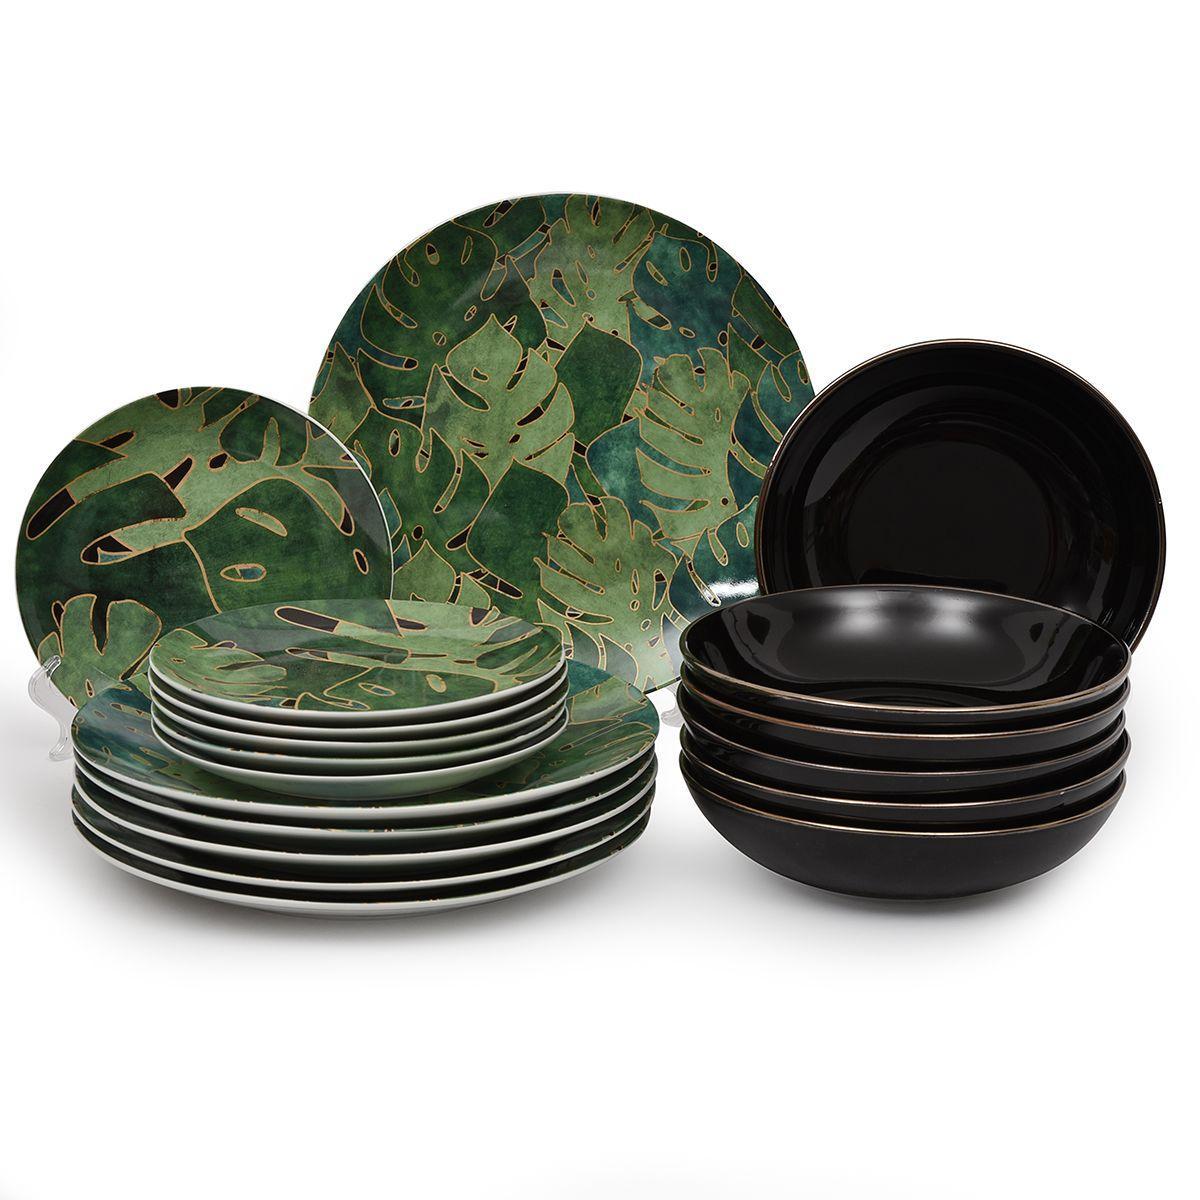 Столовый сервиз с рисунком из зеленых листьев Luxury Palms